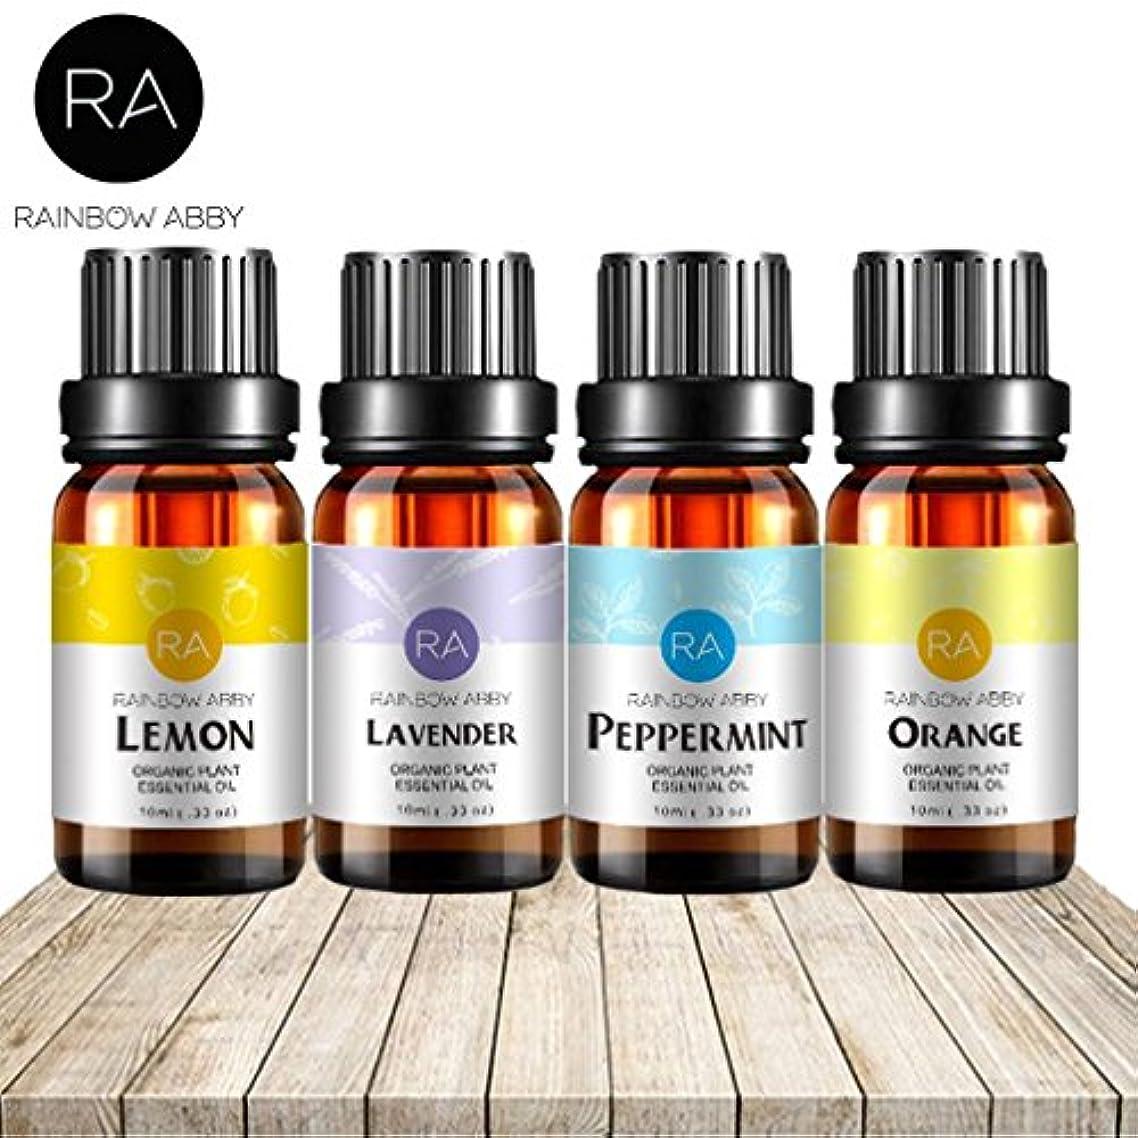 お手入れ独占自分のRAINBOW ABBY 4パック ベスト セラピー グレード エッセンシャル オイル:ラベンダー、レモン、ペパーミント、スウィートオレンジ